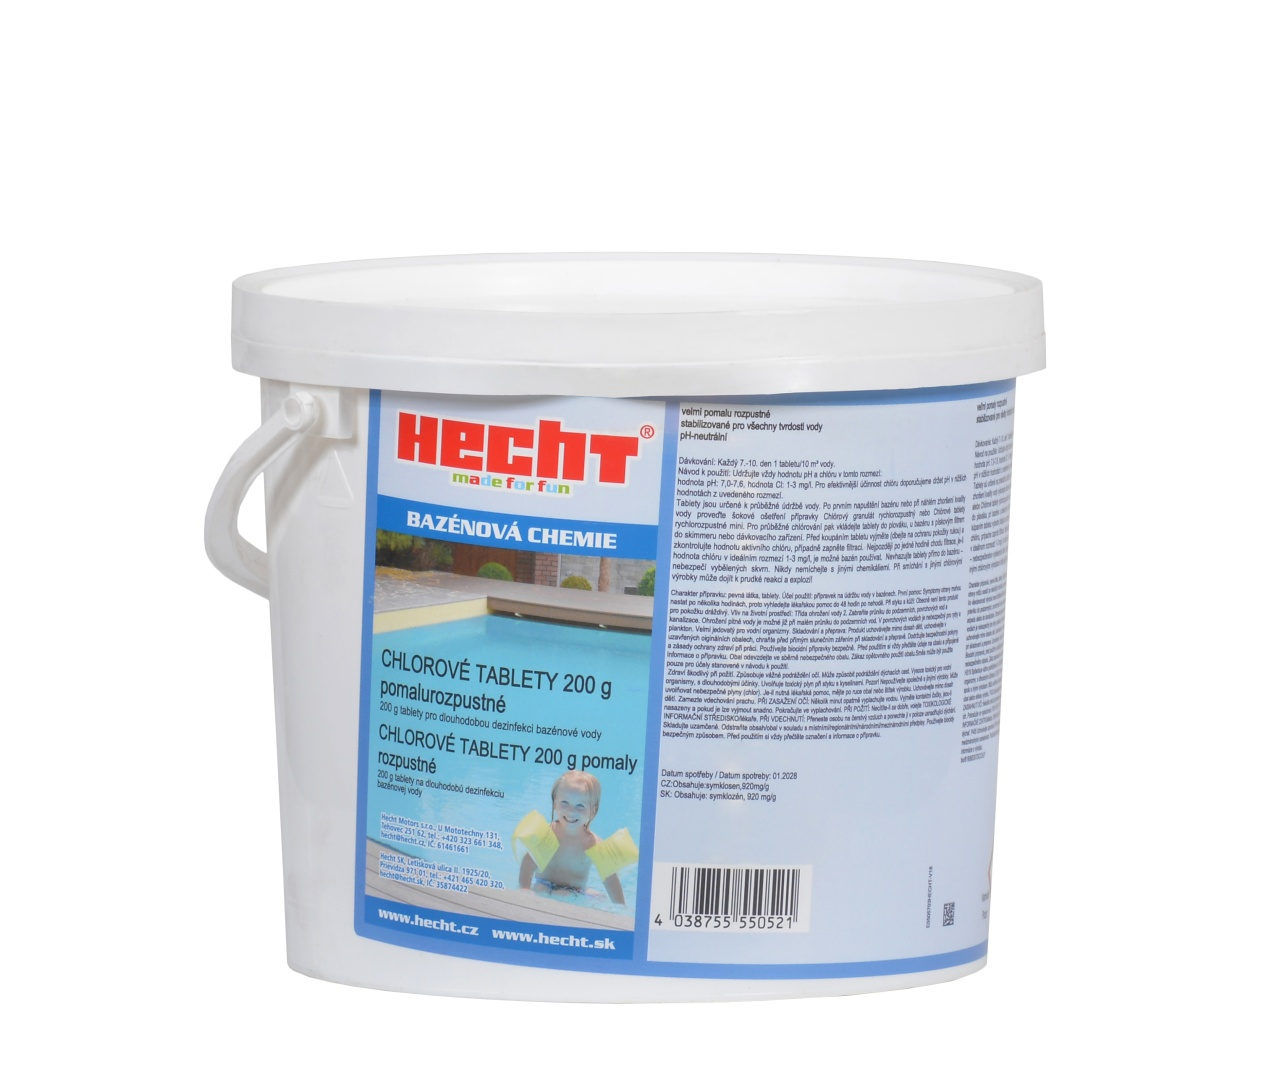 505603 - pomalurozpustné chlorové tablety